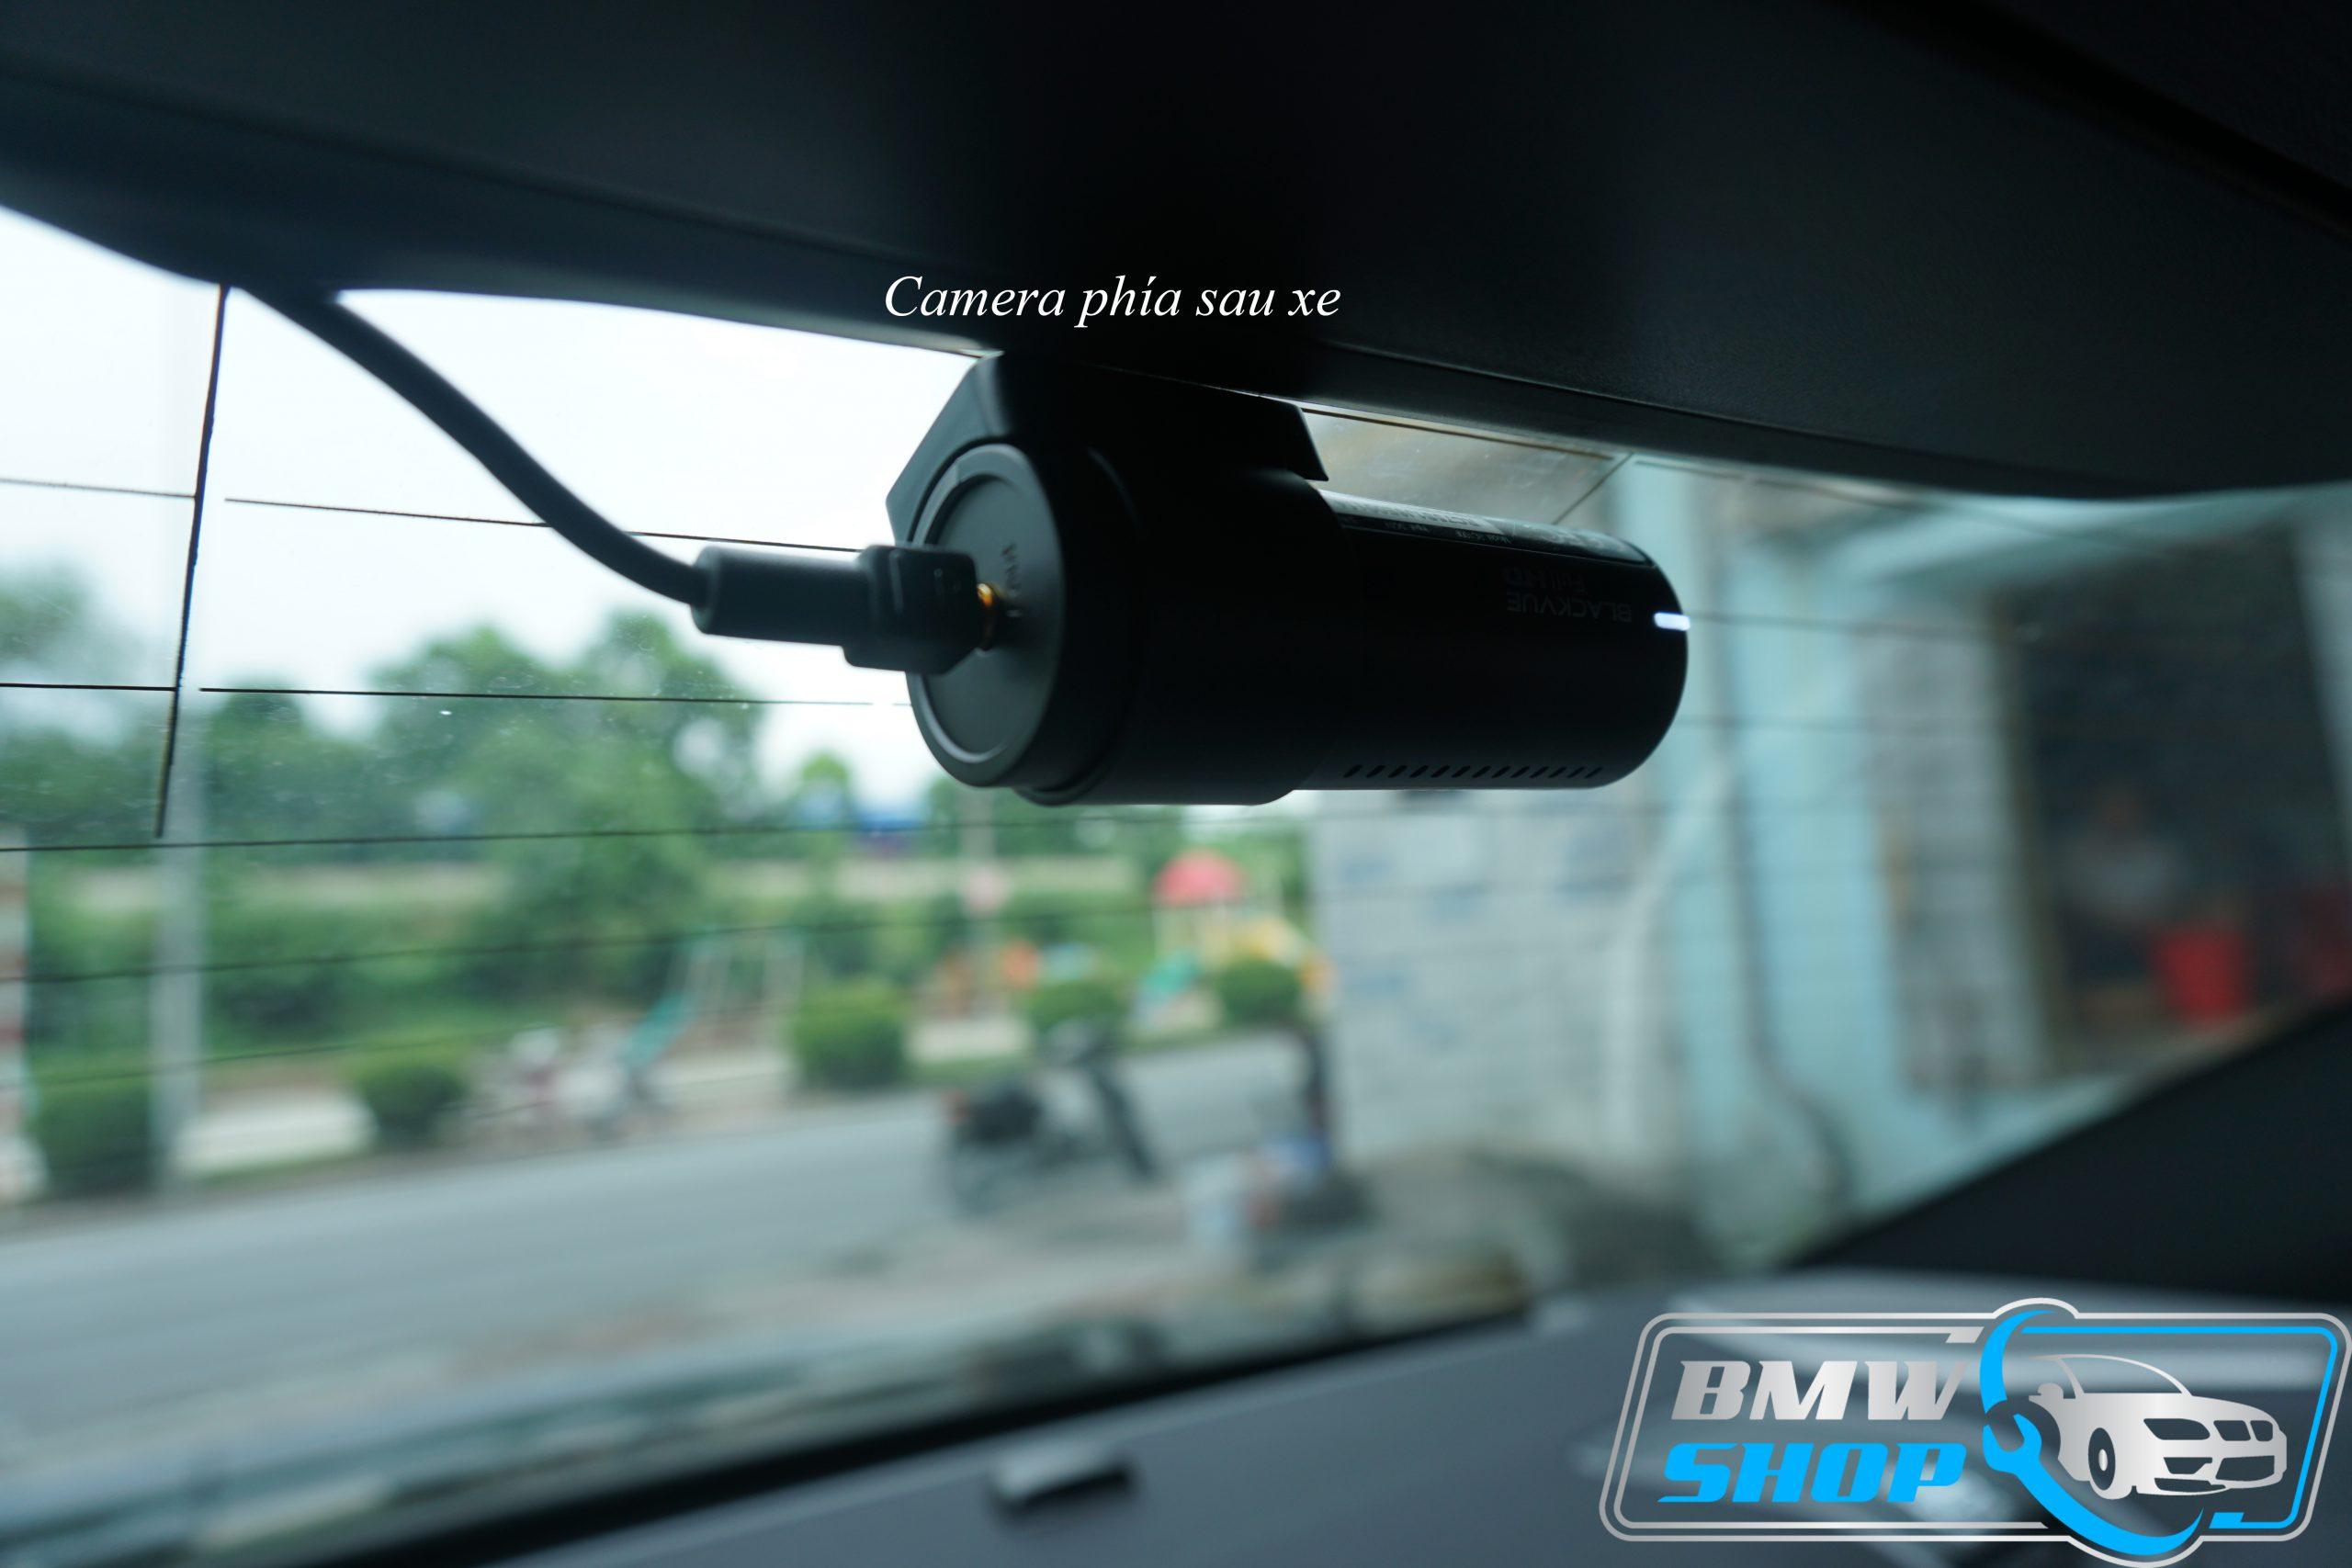 Hình ảnh camera sau lắp đặt trên xe BMW 330i